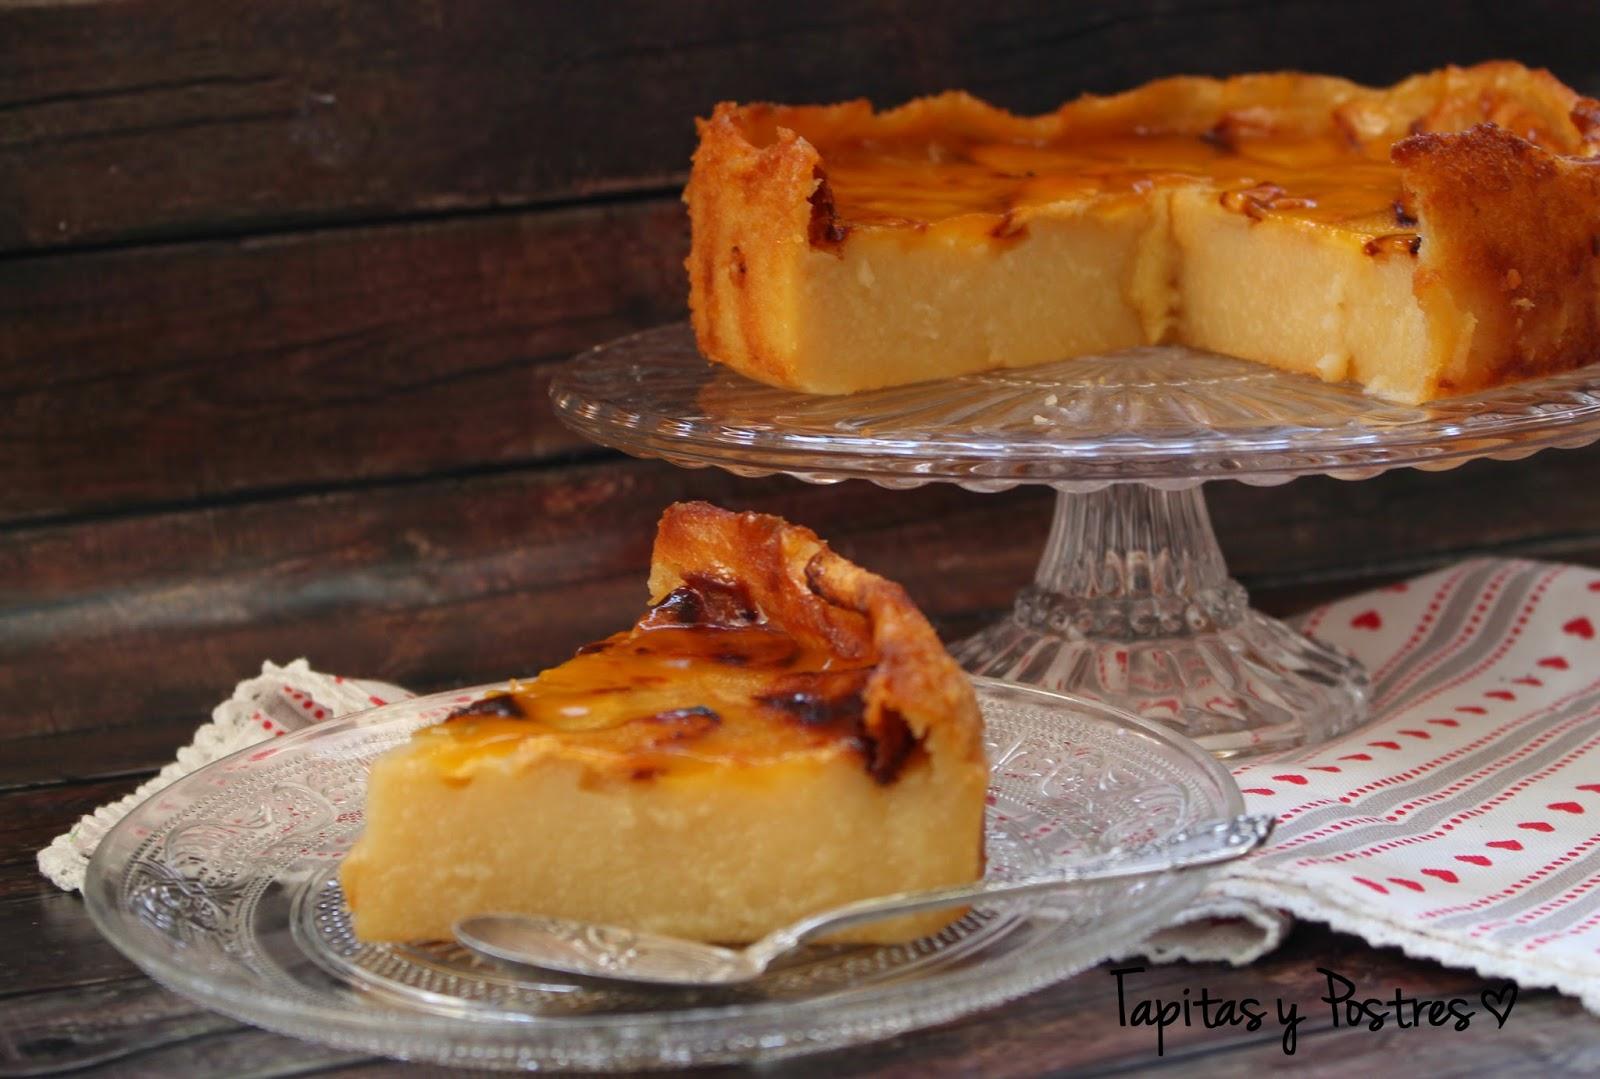 Tapitas y postres tarta de manzana la mas f cil del mundo - Pure de castanas y manzana ...